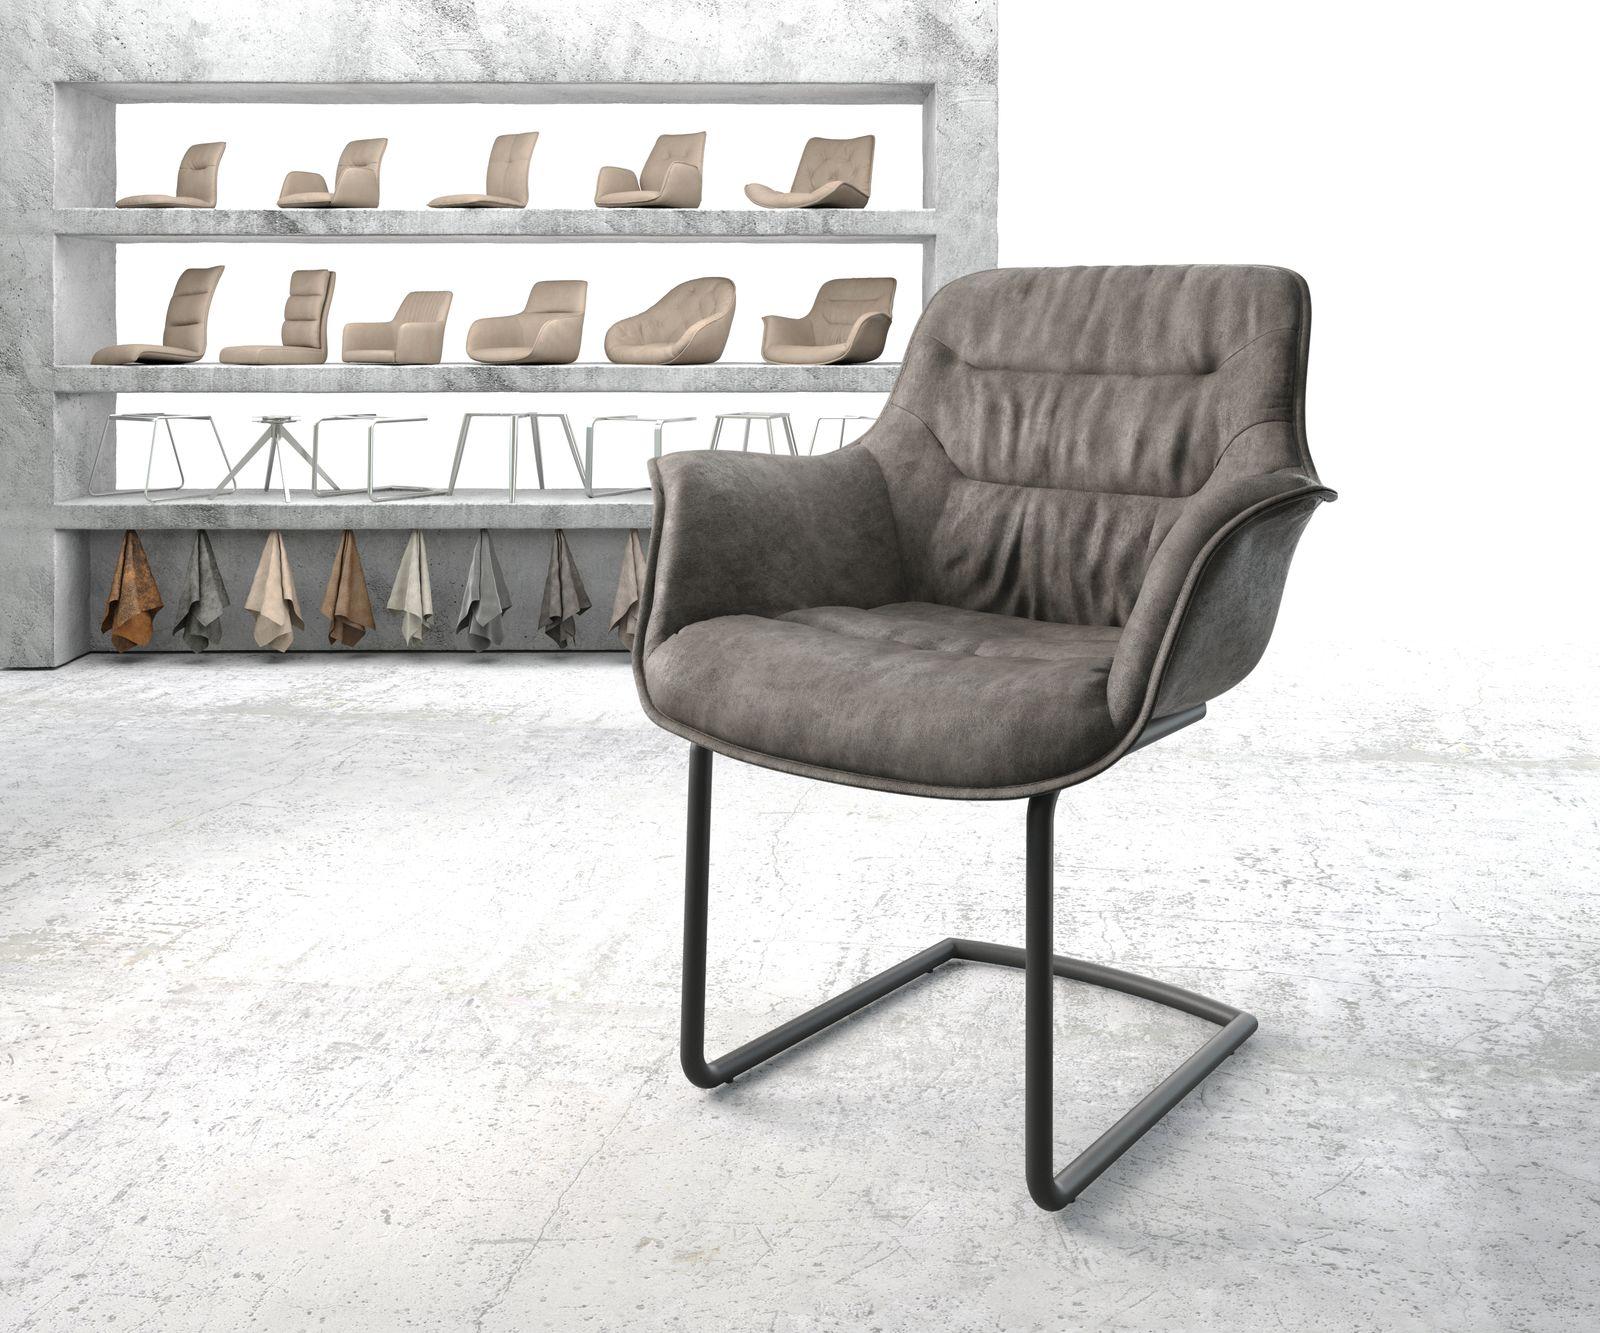 delife-armlehnstuhl-kaira-flex-anthrazit-vintage-freischwinger-rund-schwarz-esszimmerstuhle